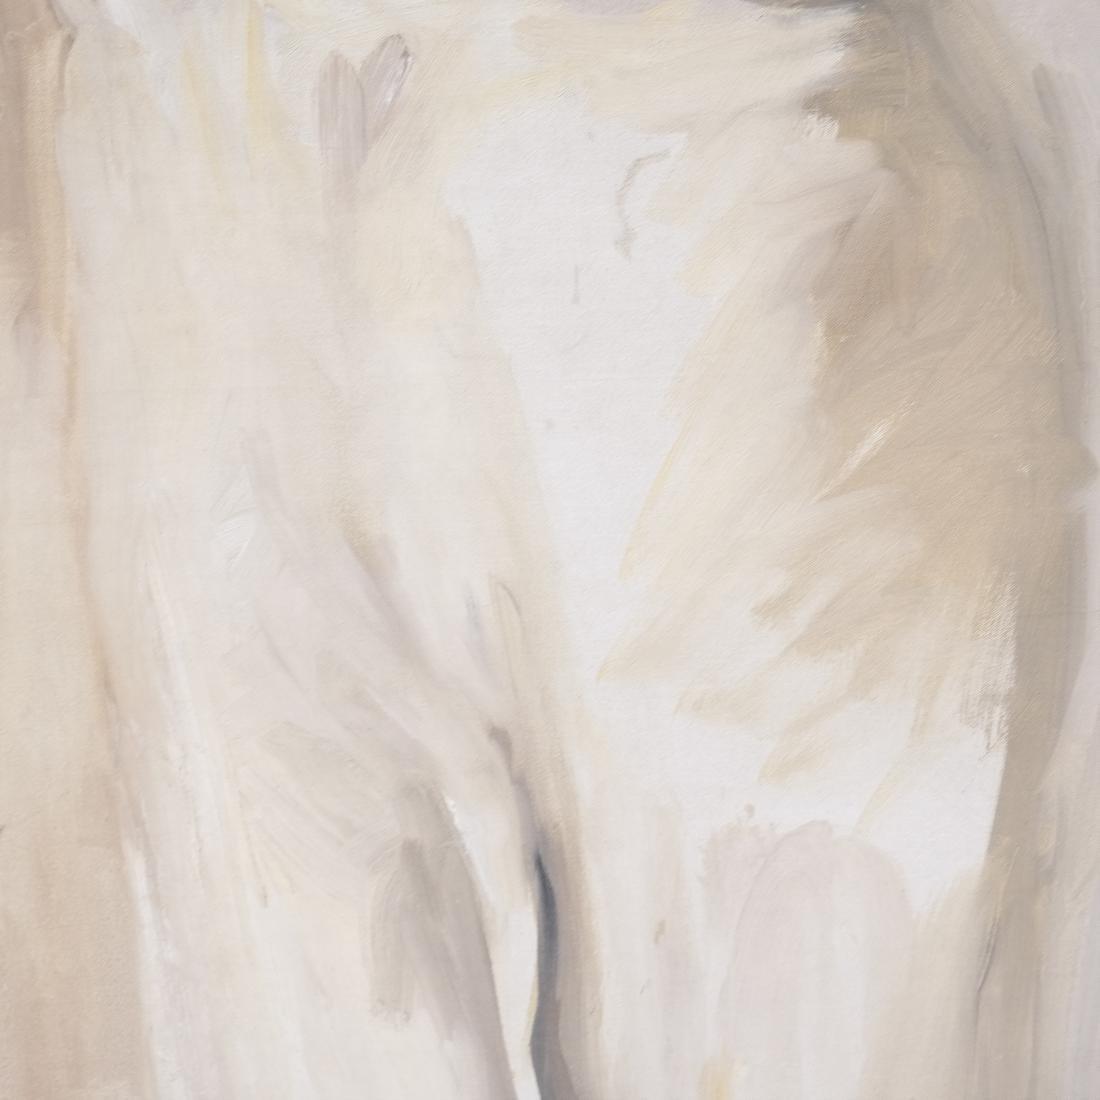 Peter Sheil, Male Portrait, Oil Canvas - 5